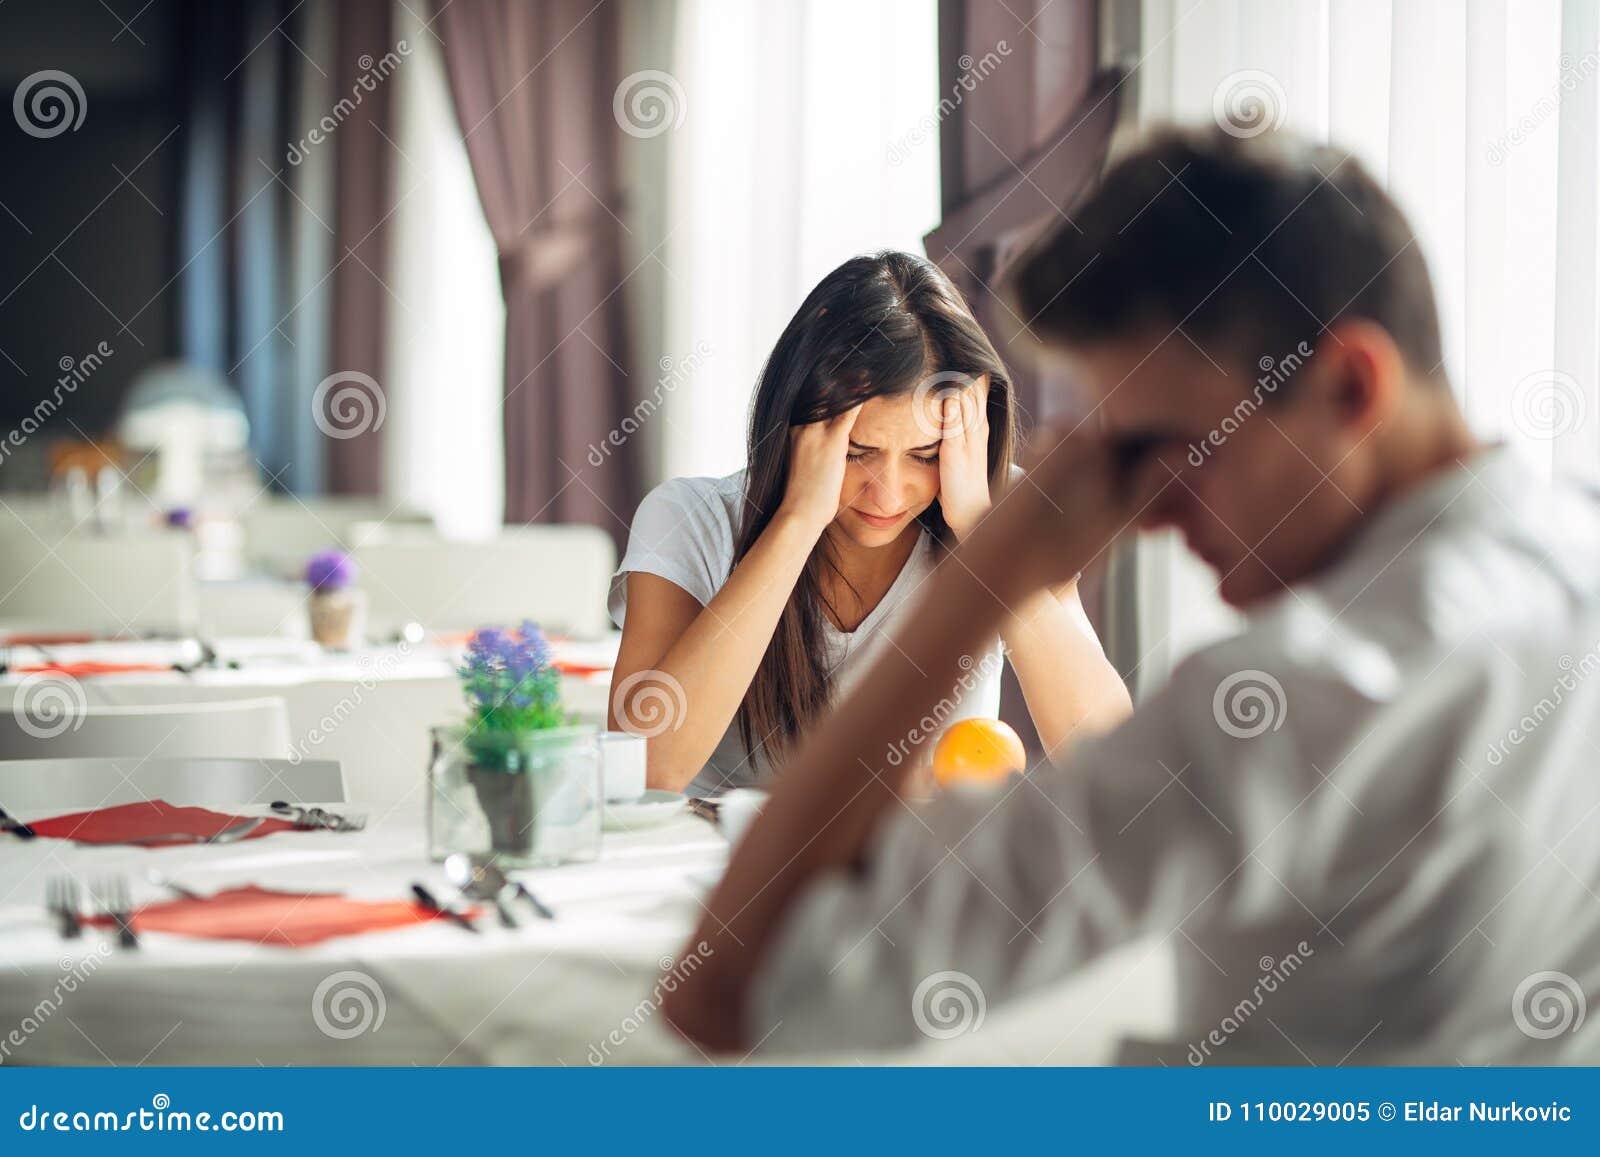 Gridare disperato della donna Problemi emozionali Edizioni di relazione Rompendosi su, divorzio, avendo conversazione dolorosa co